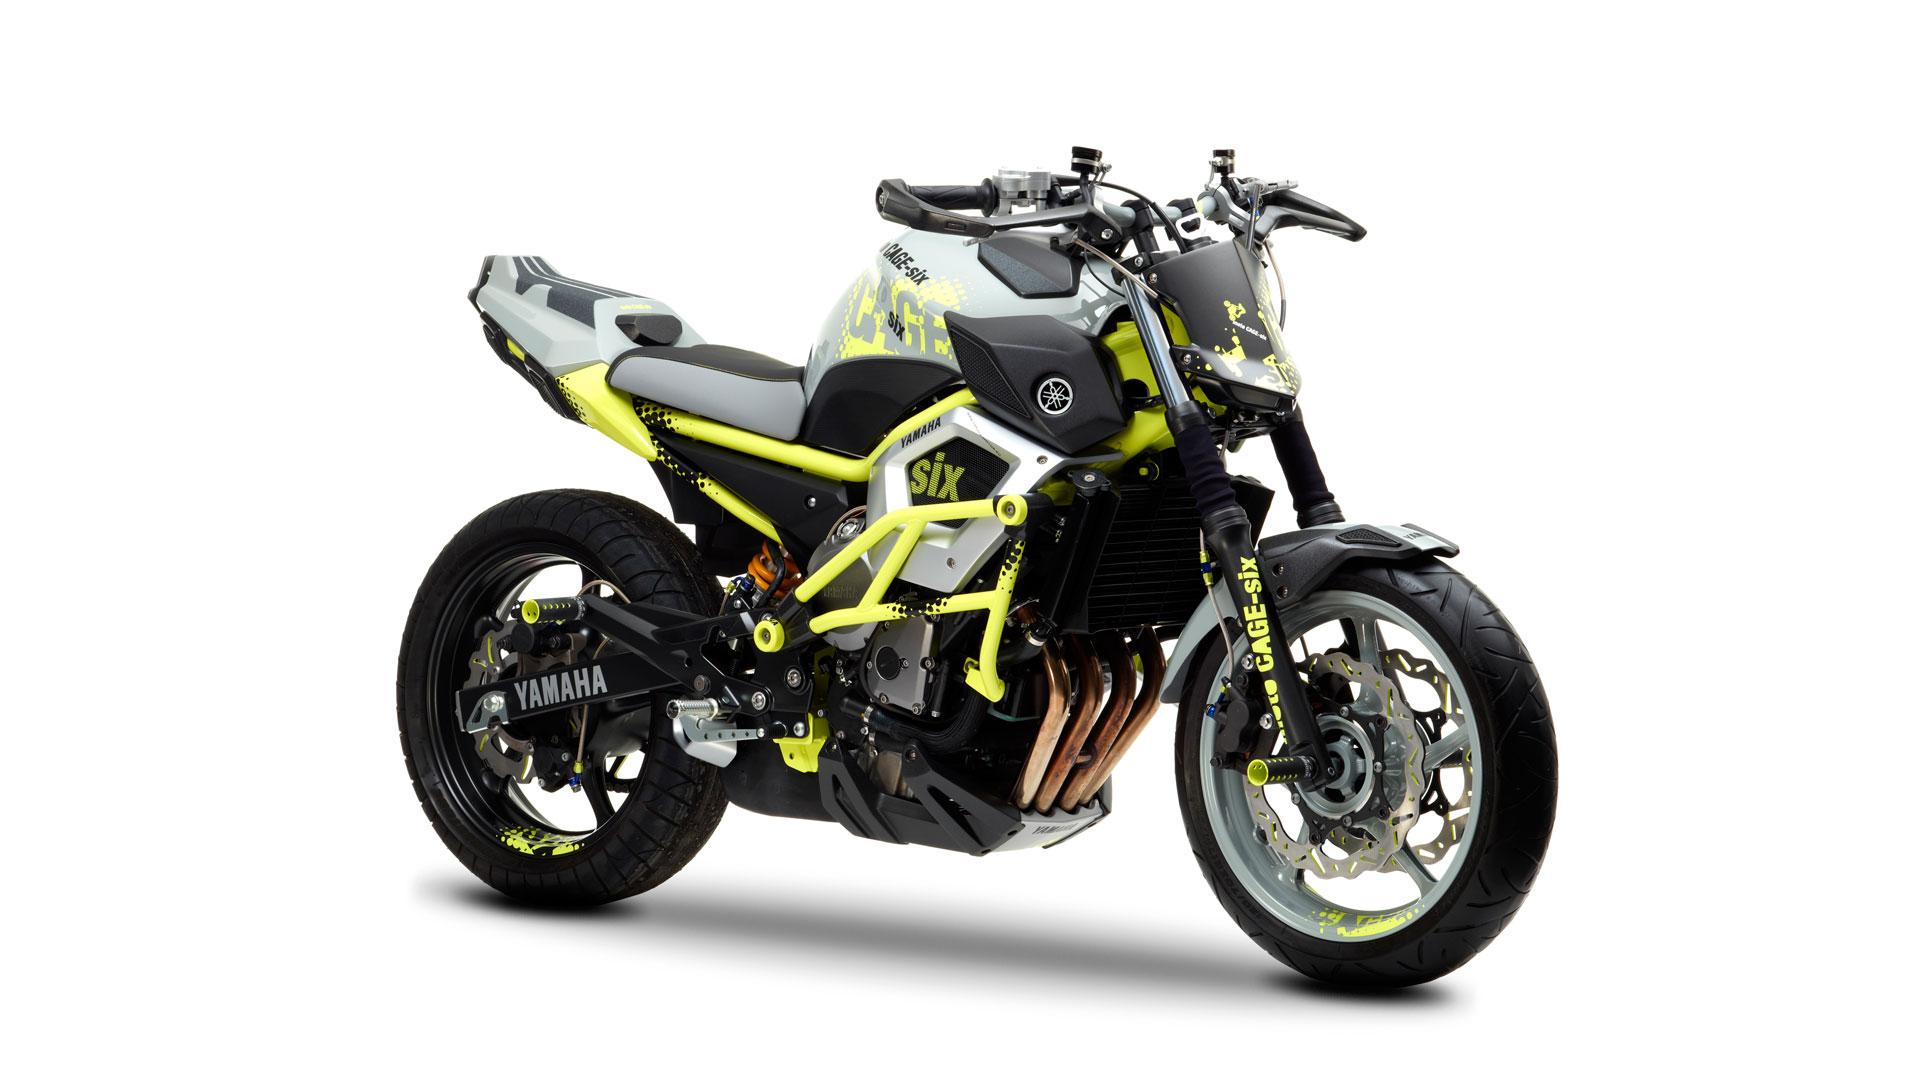 concept bikes yamaha pr sente deux concepts un tout nouveau trois cylindres et la cage six. Black Bedroom Furniture Sets. Home Design Ideas